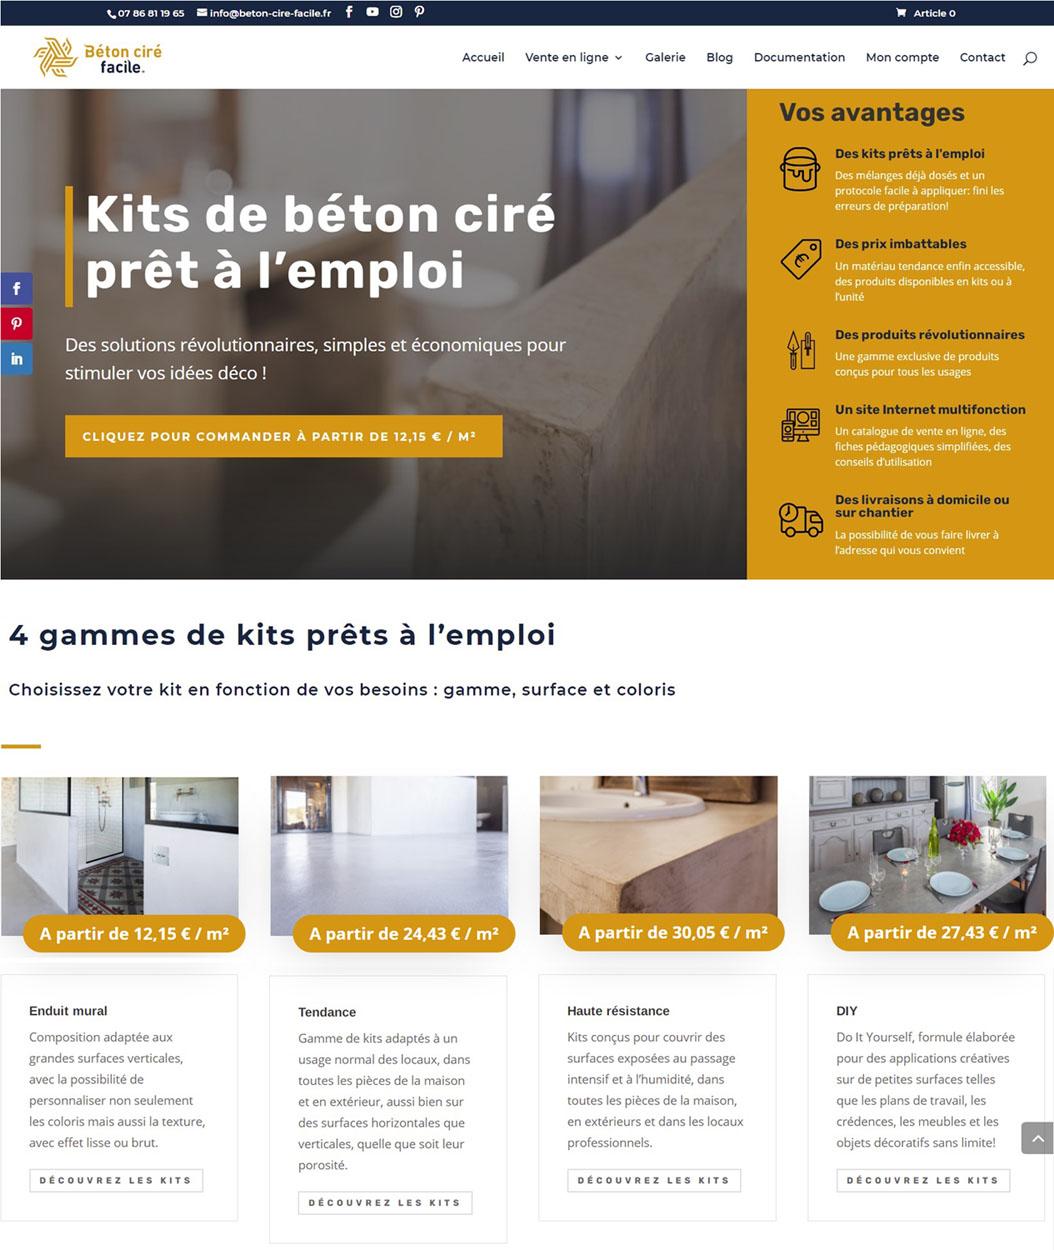 Page d'accueil créée pour le site Internet d'un artisan qui se lance dans le commerce en ligne